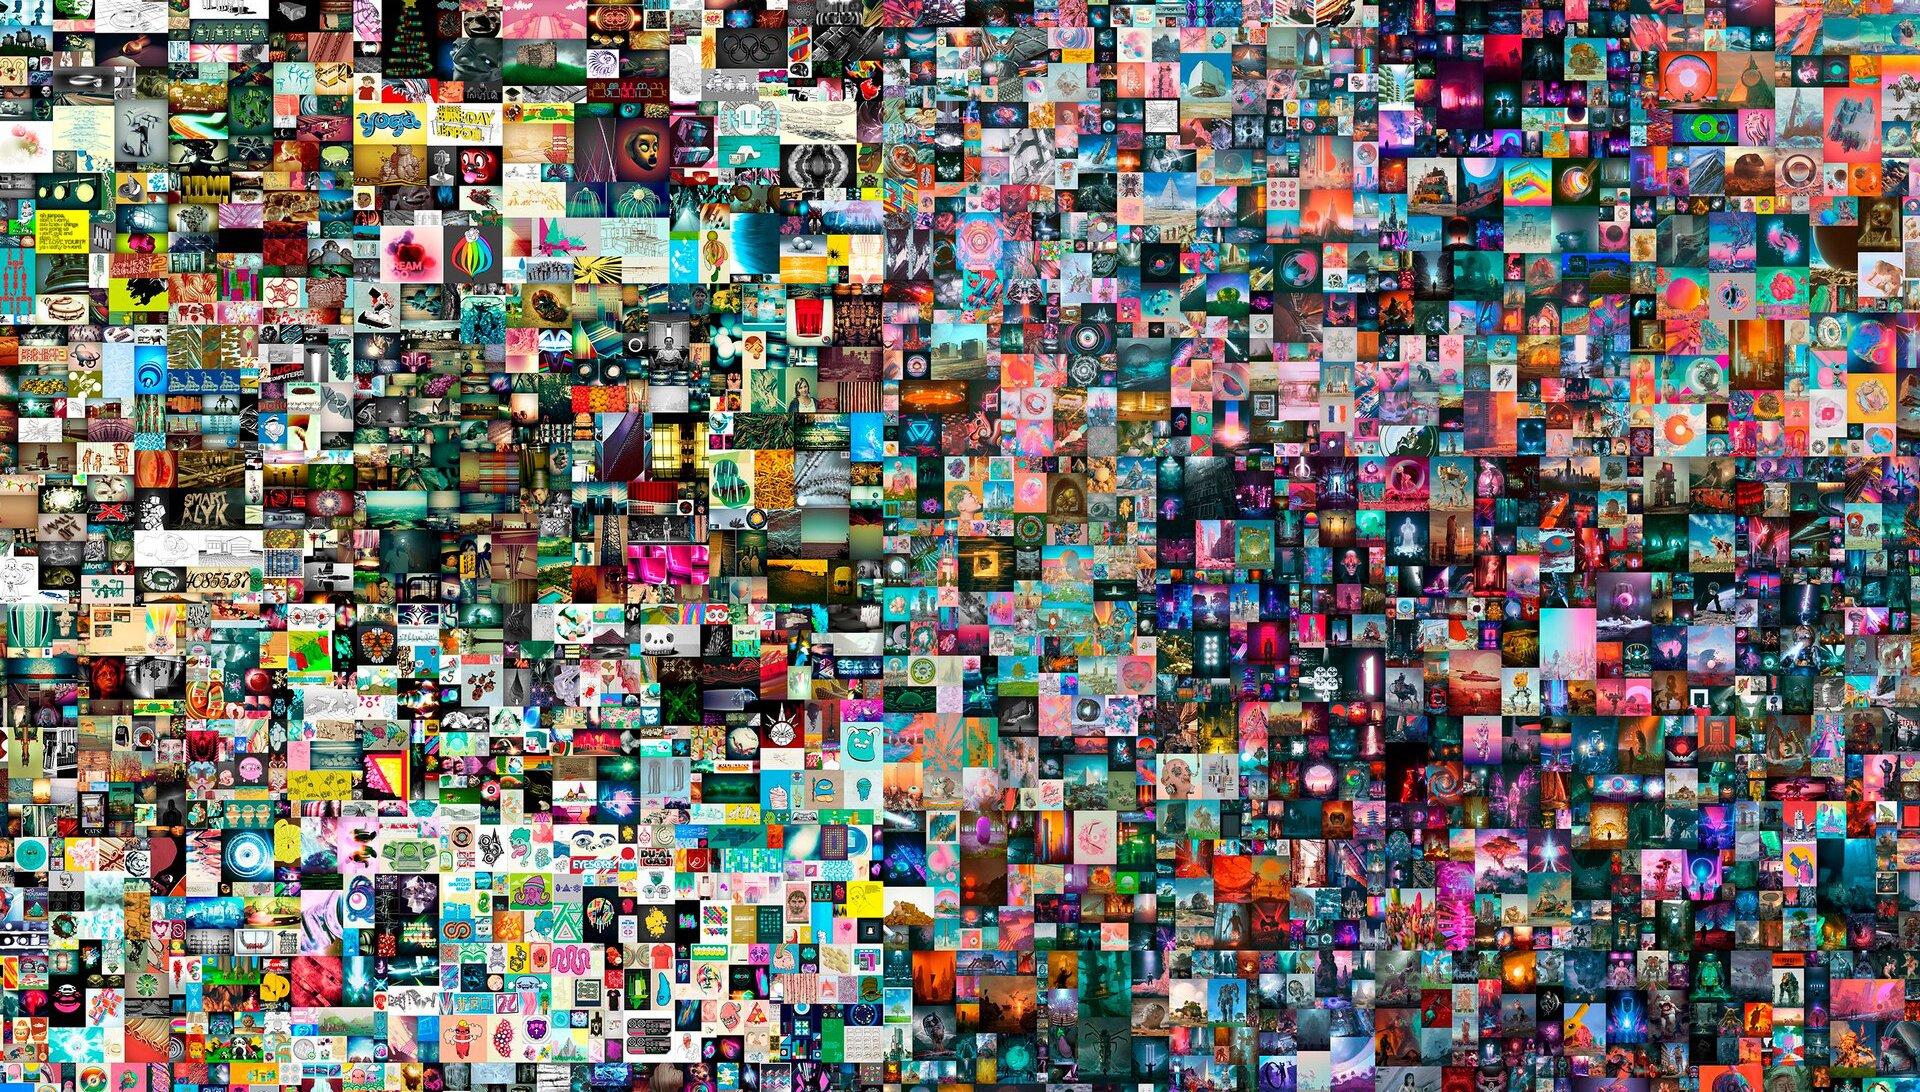 Vše, co potřebujete vědět o NFT: fenomén digitálního umění za miliardy dolarů